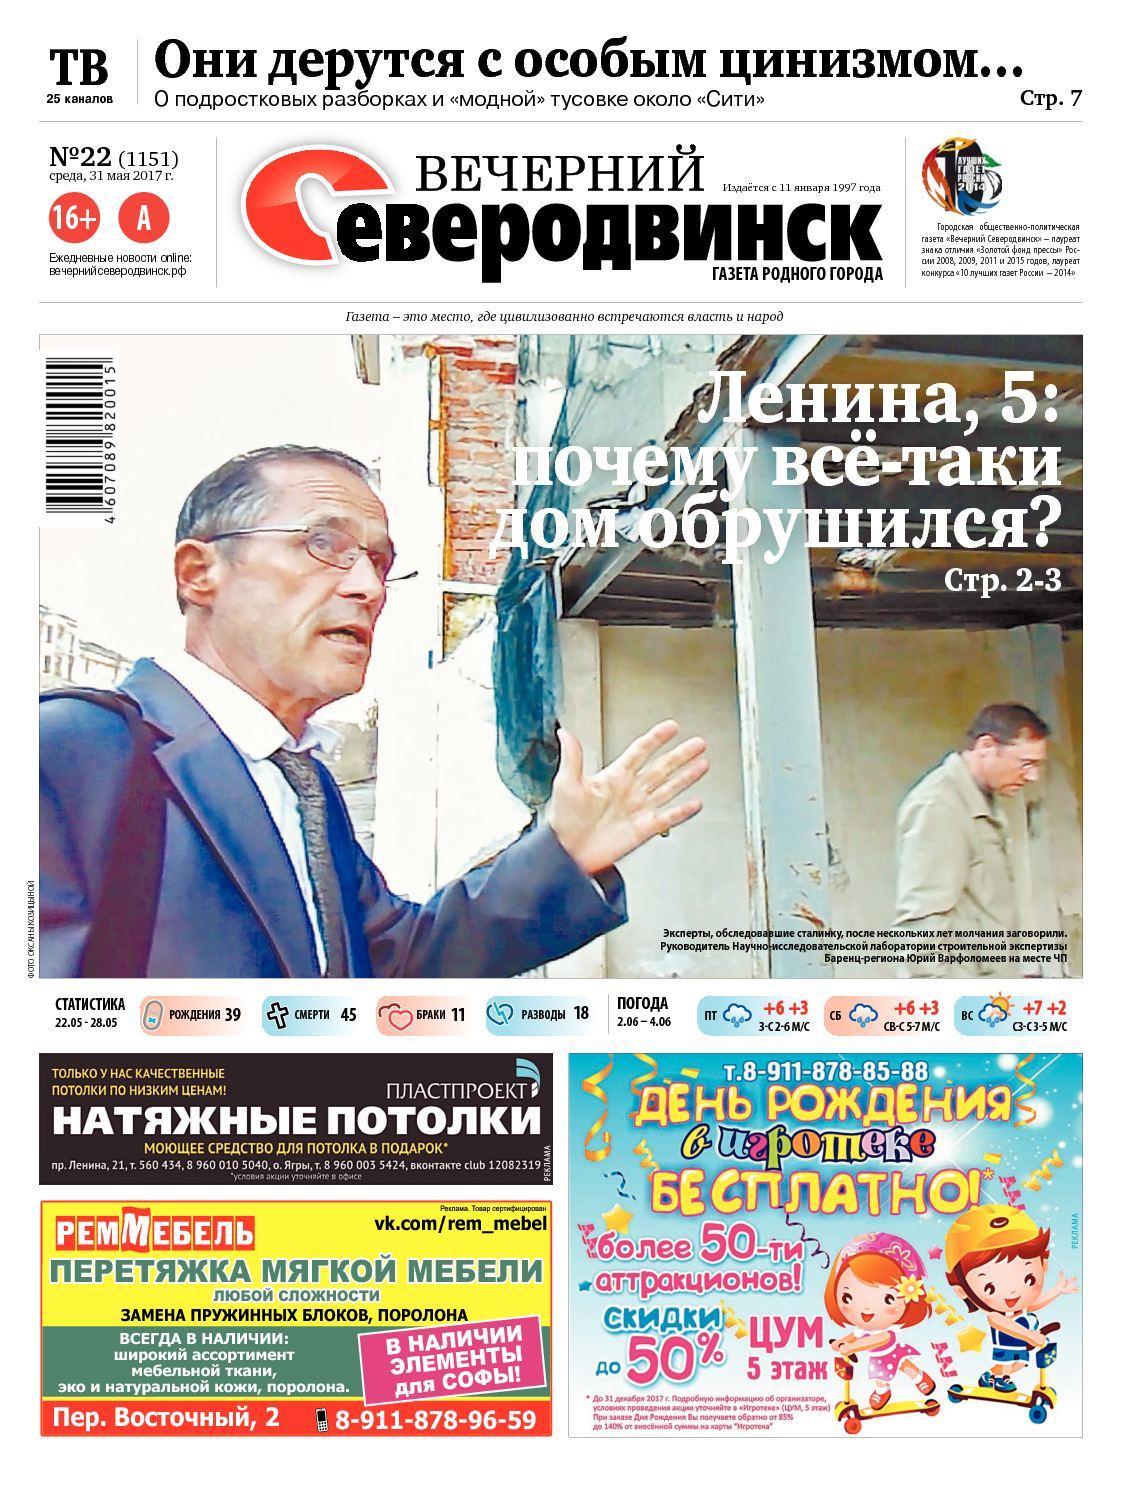 перфильев олег сергеевич займы проверка на мошенничество